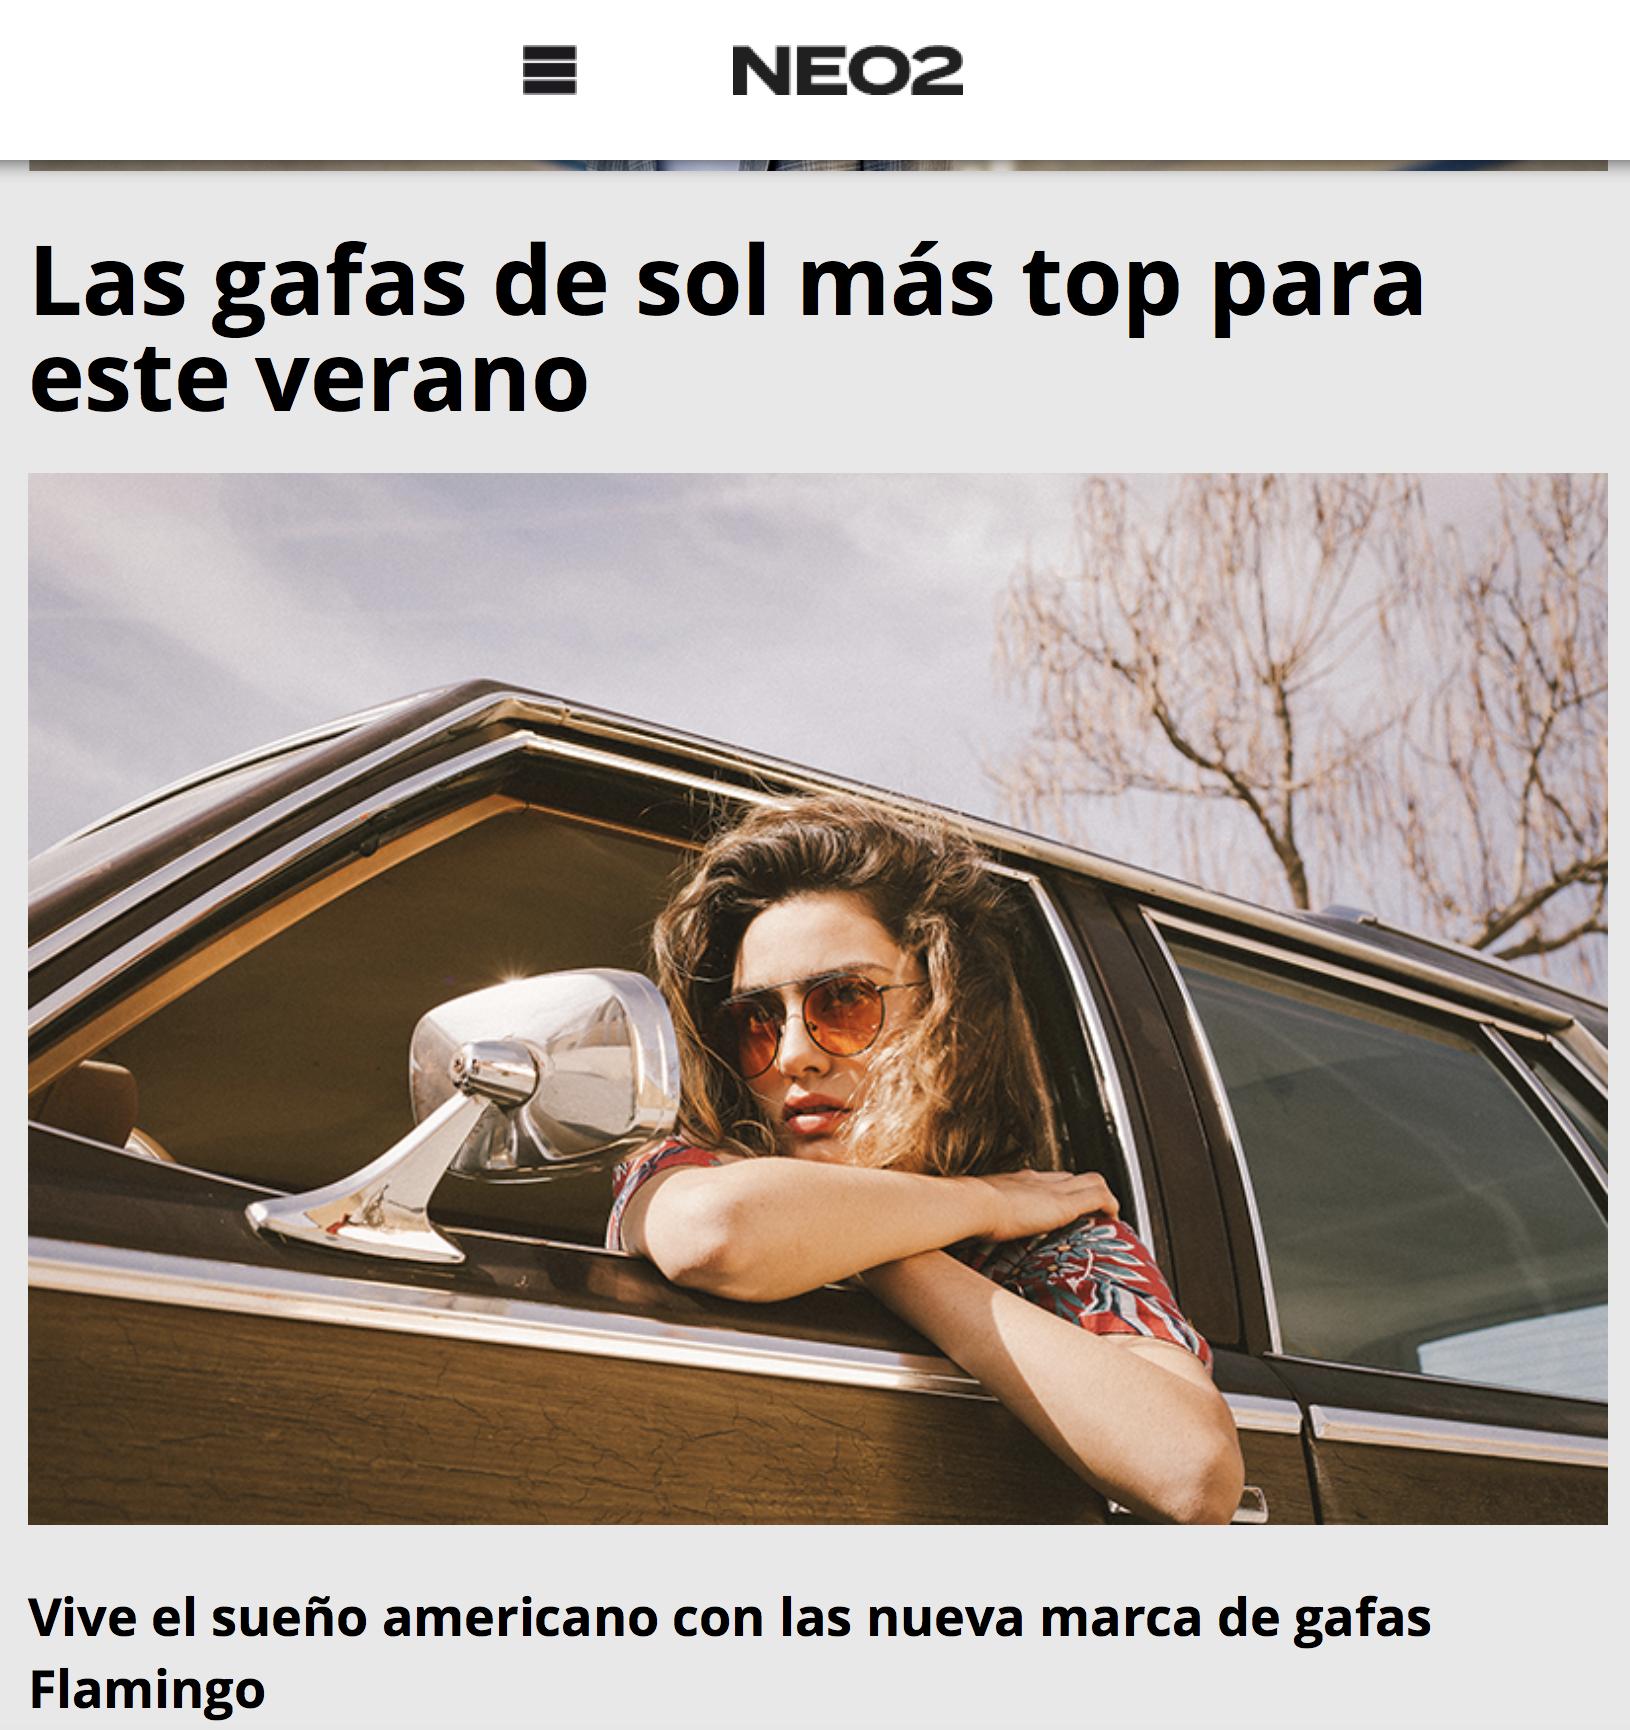 https://www.neo2.com/nuevas-gafas-flamingo/